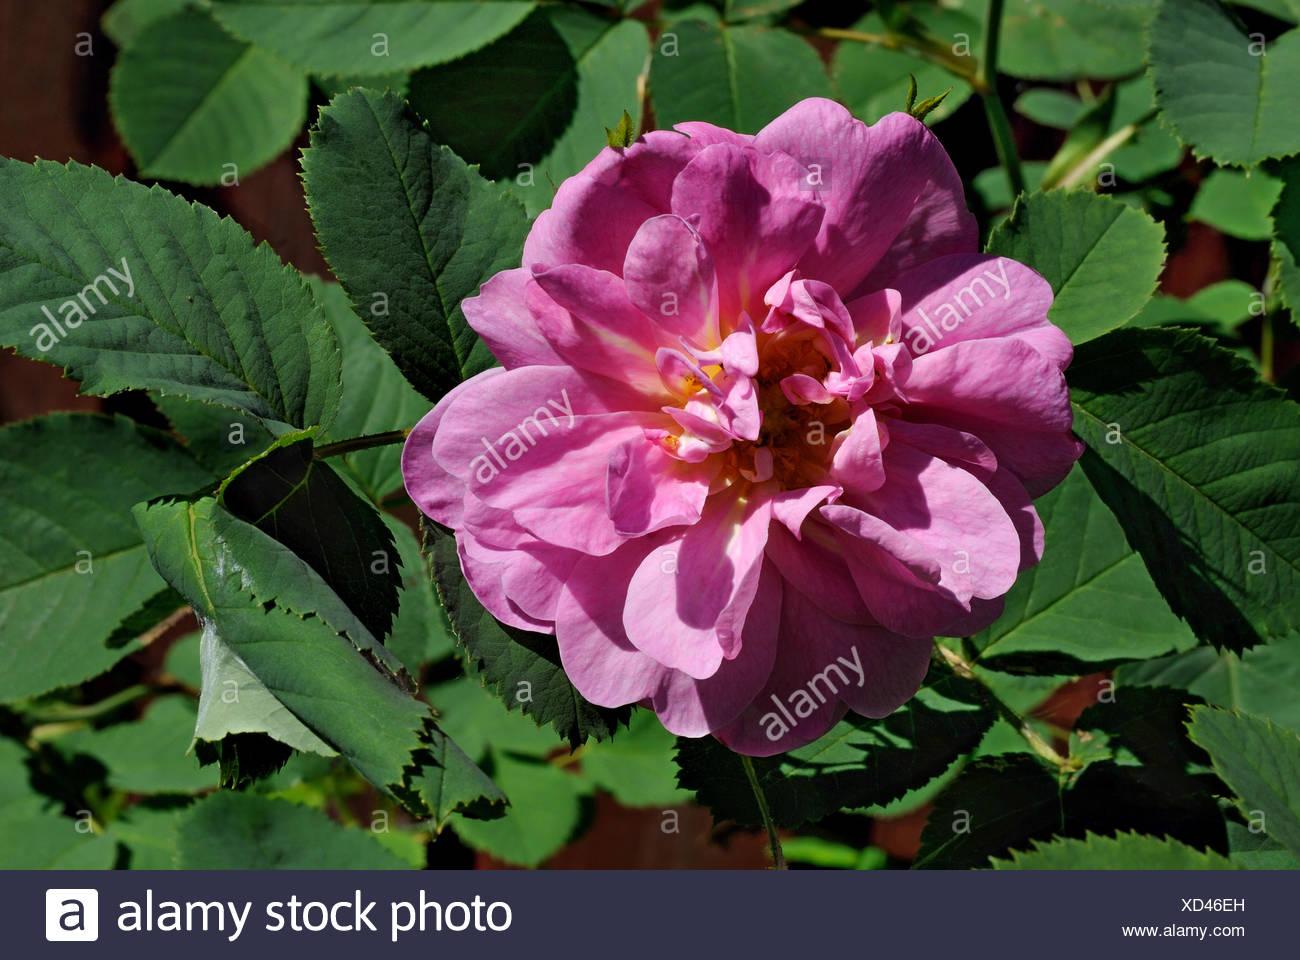 Rose Musquee De Fleur Banque D Images Photo Stock 283449337 Alamy